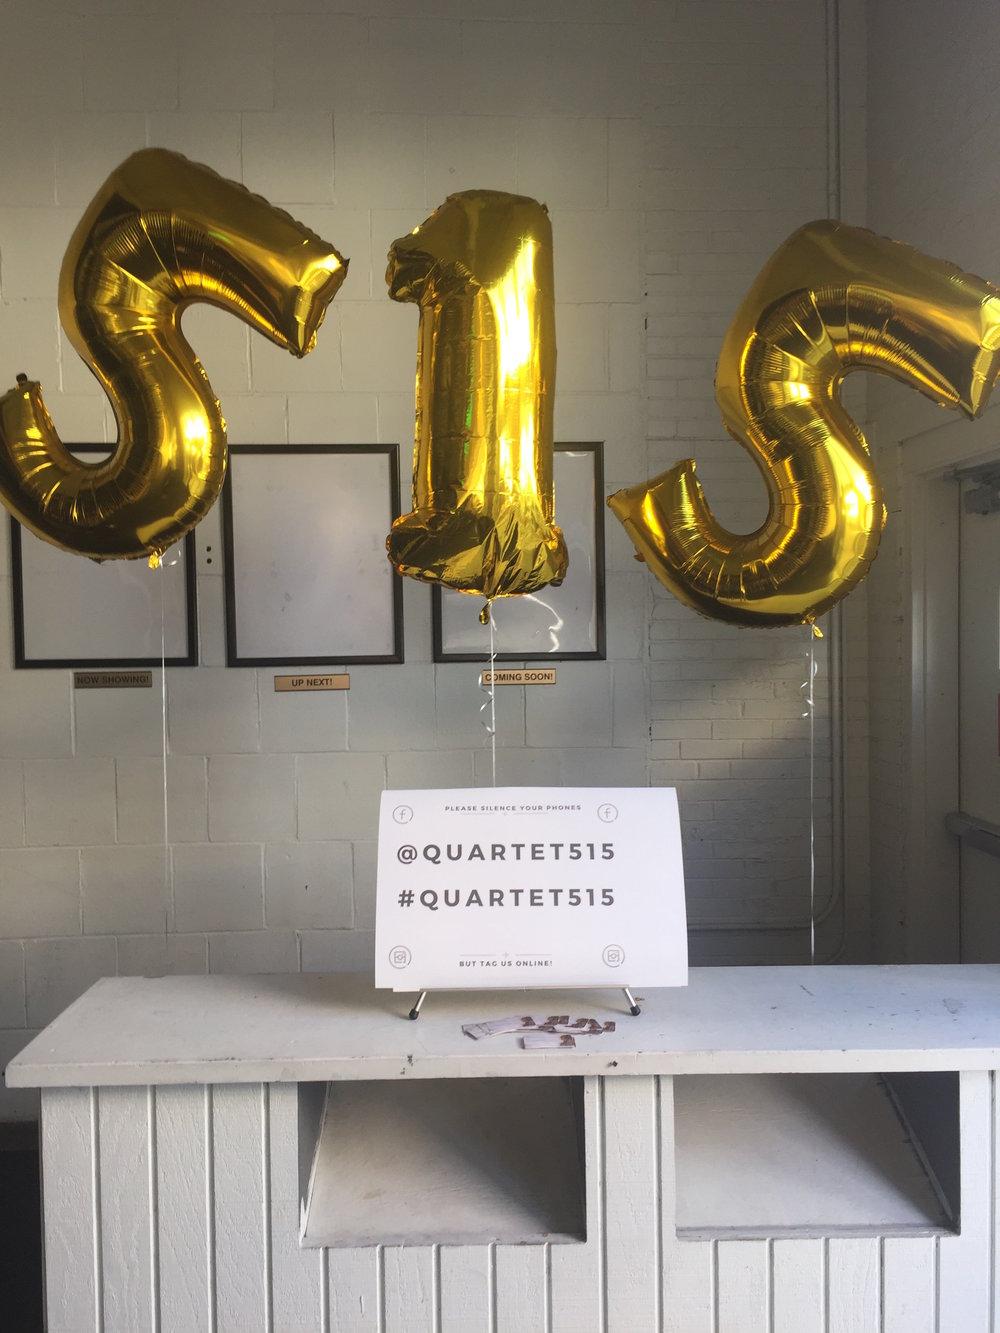 515 balloons